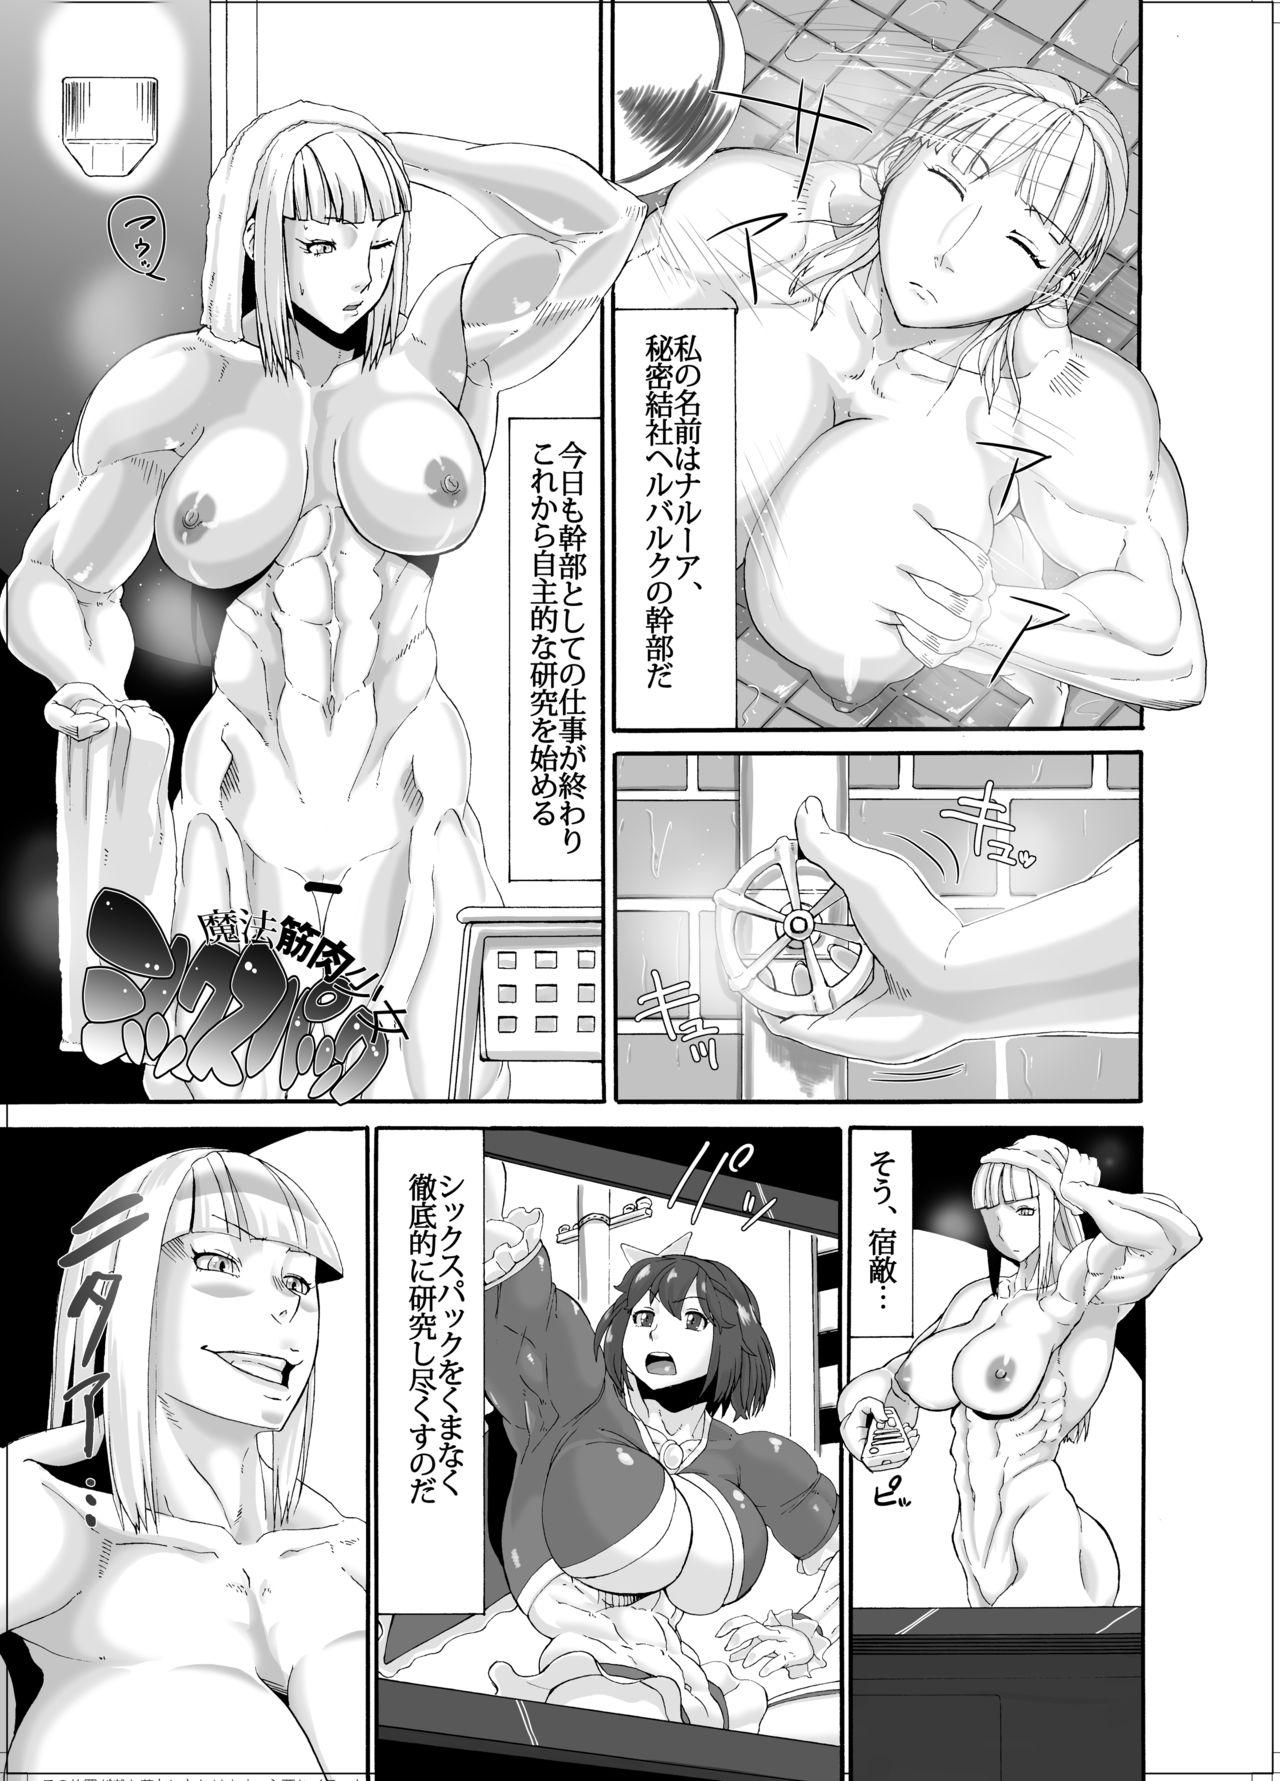 Mahou Kinniku Shoujo Six Pack 28